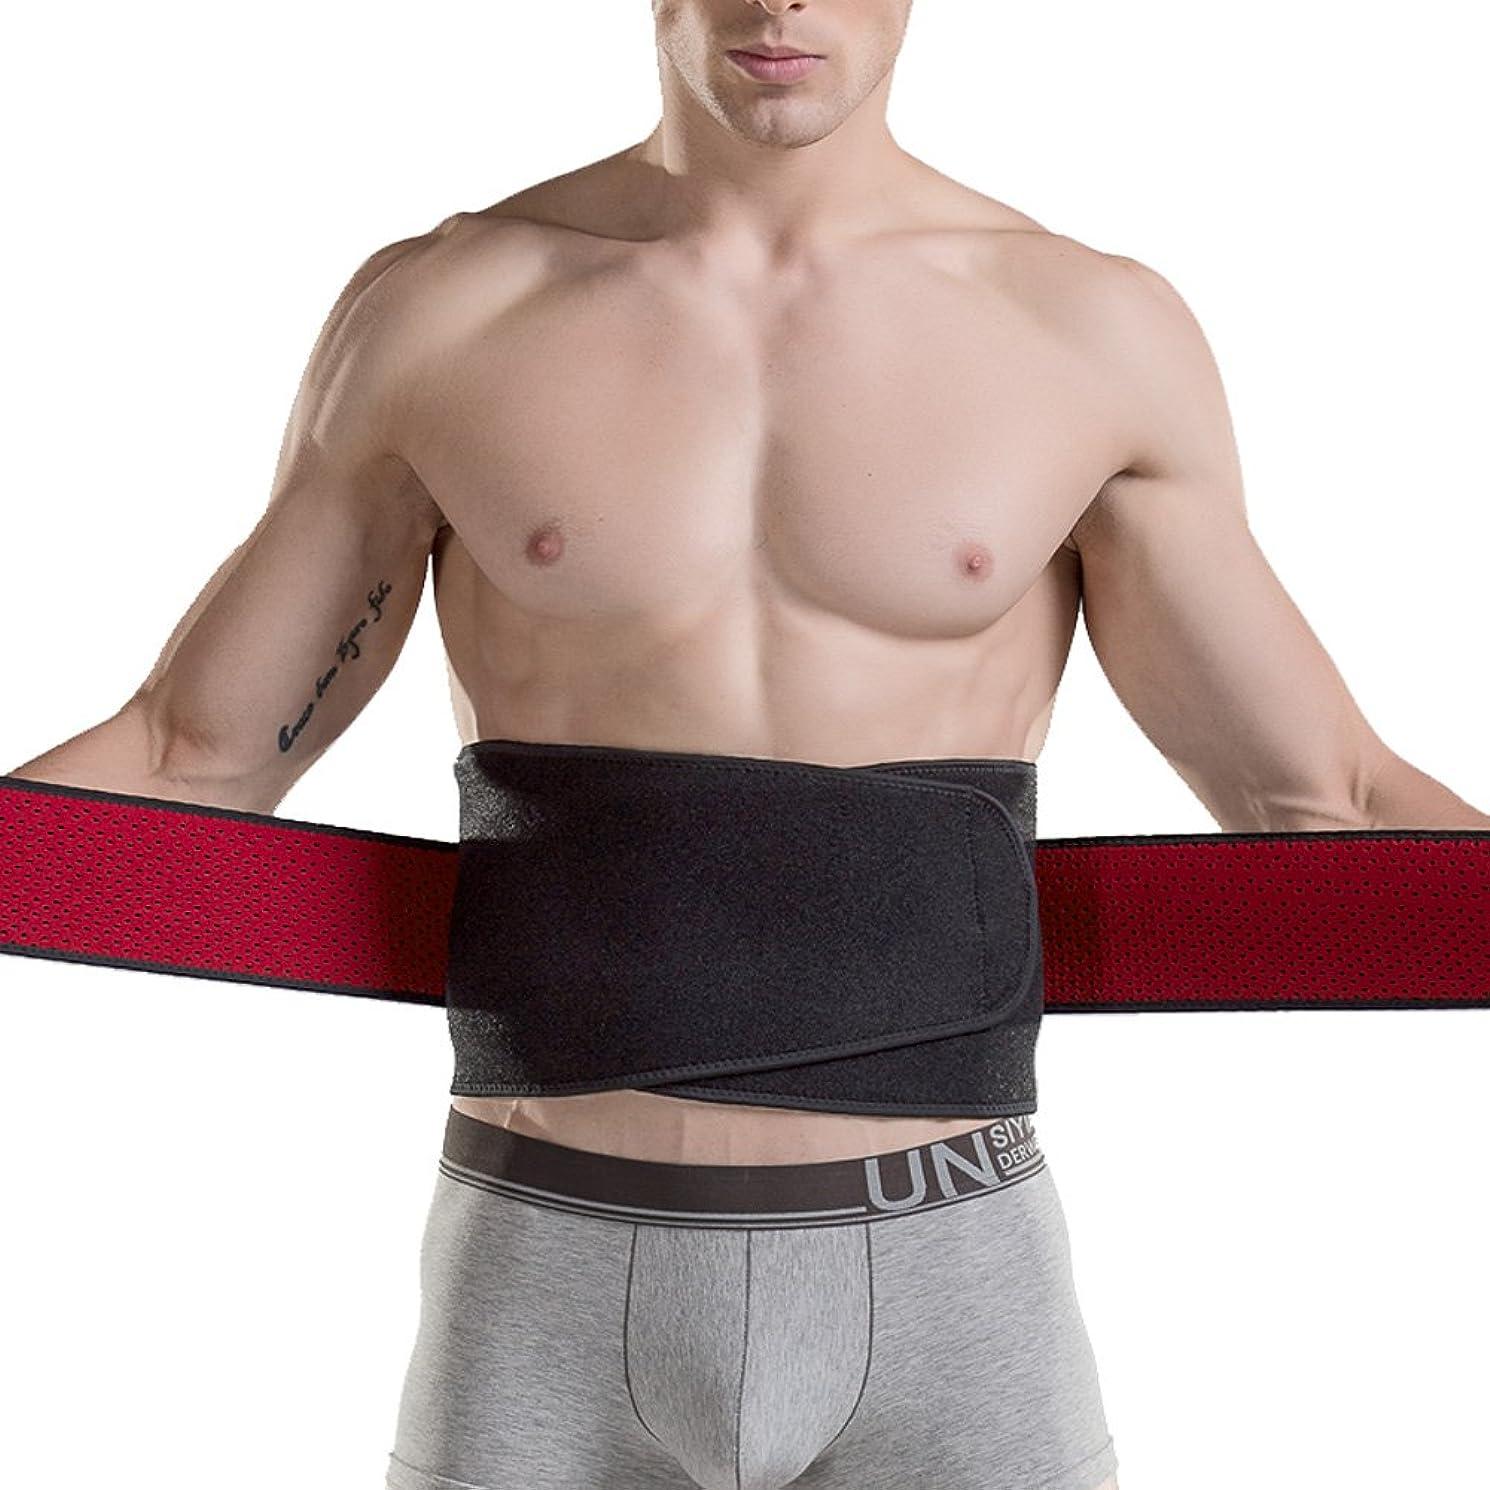 イライラする起きる特性[RSWHYY] メンズ ウエストサポーター 二重加圧 腹巻 調節可 ケガ防止 腰痛緩和 ジム フィットネス